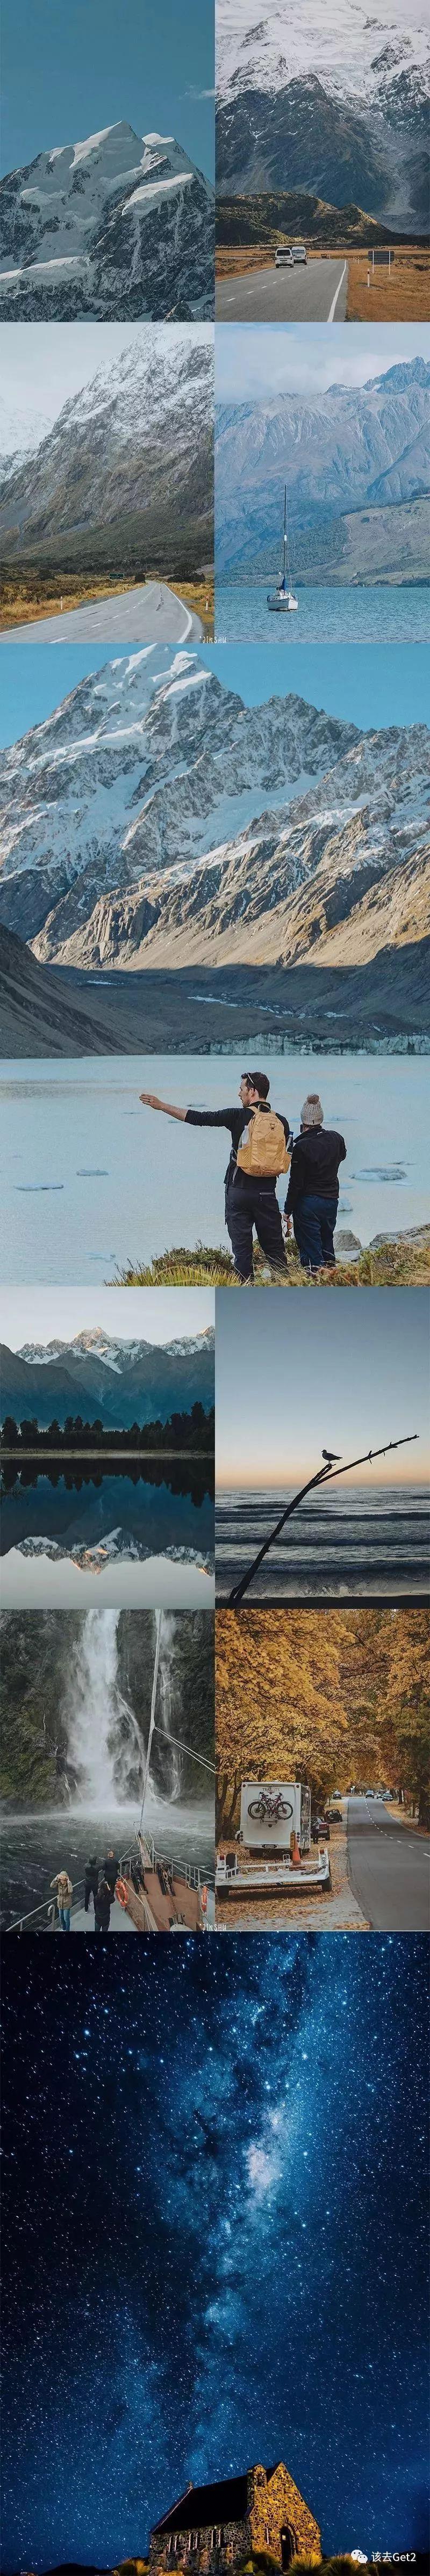 新西蘭,相機鏡頭里的公路旅行 ∣ 該去 · 游